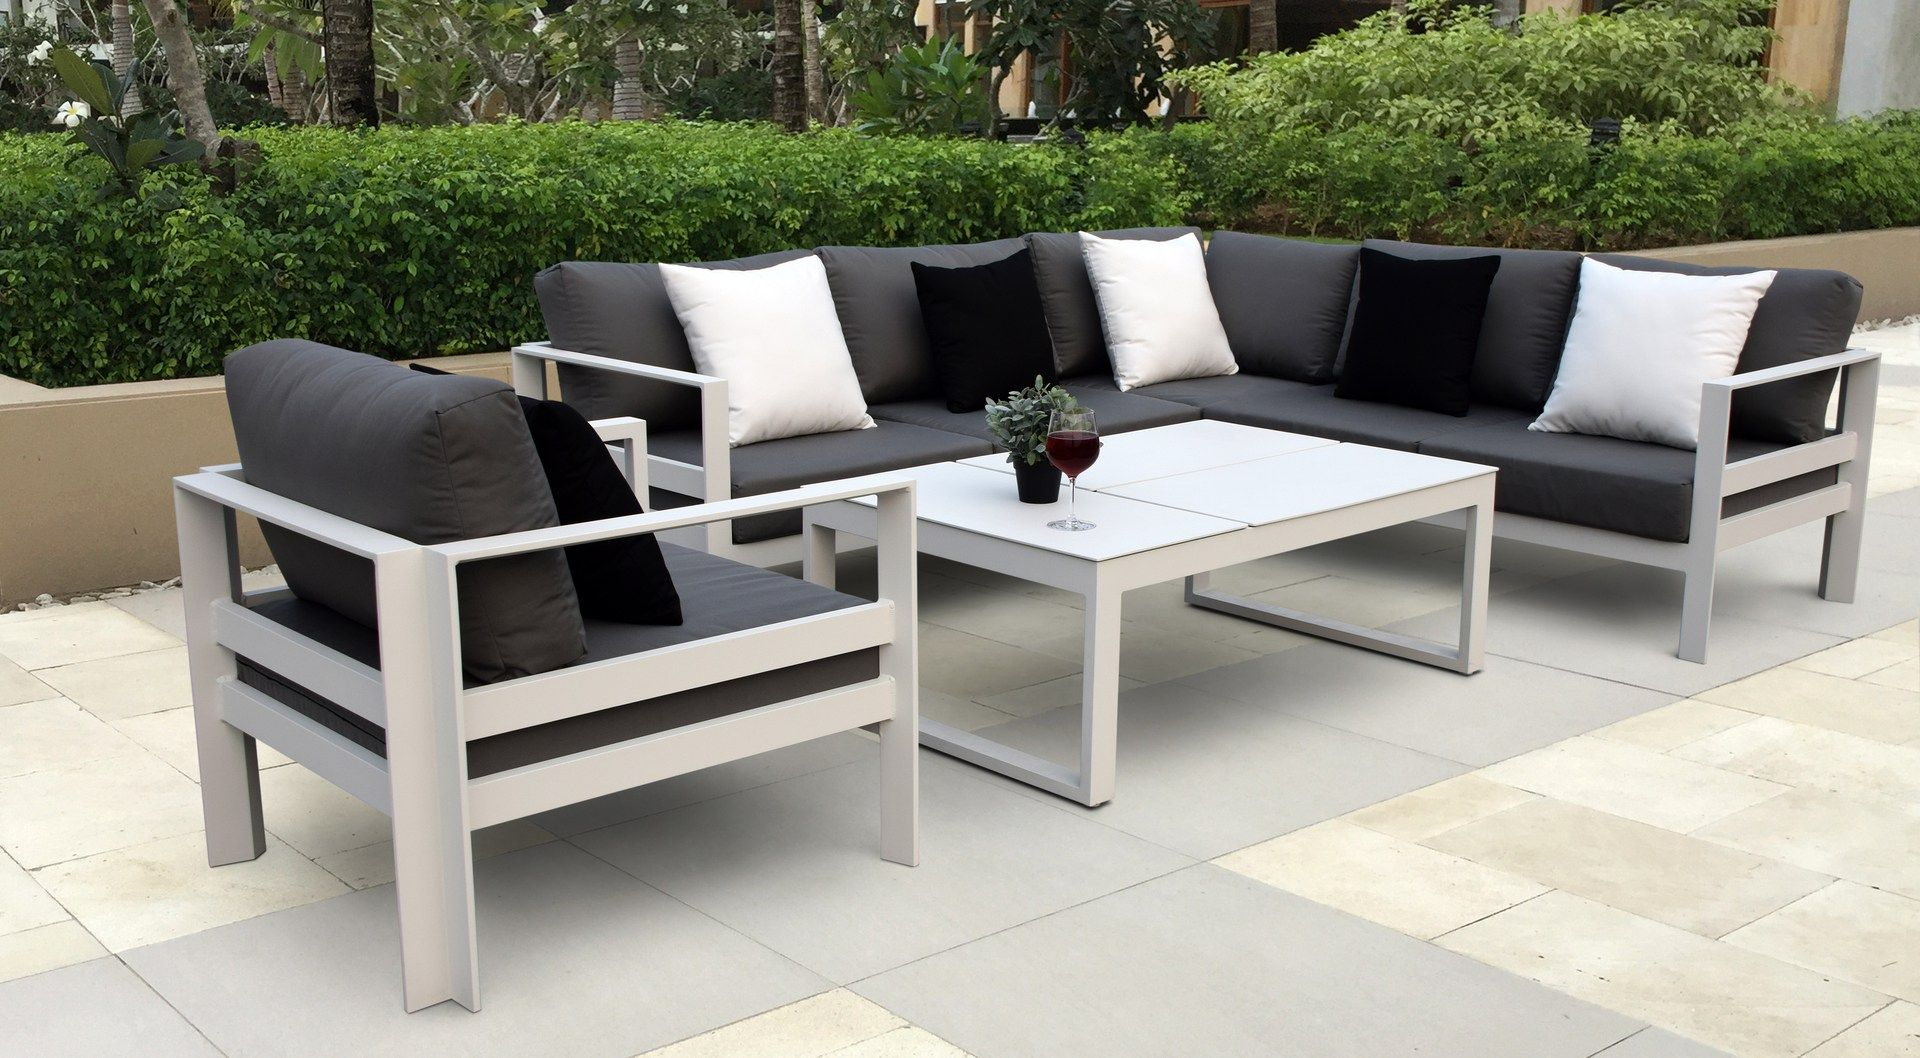 Contemporary Patio Furniture Aluminum Aluminium Outdoor Furniture Modern Outdoor Furniture Outdoor Furniture Design